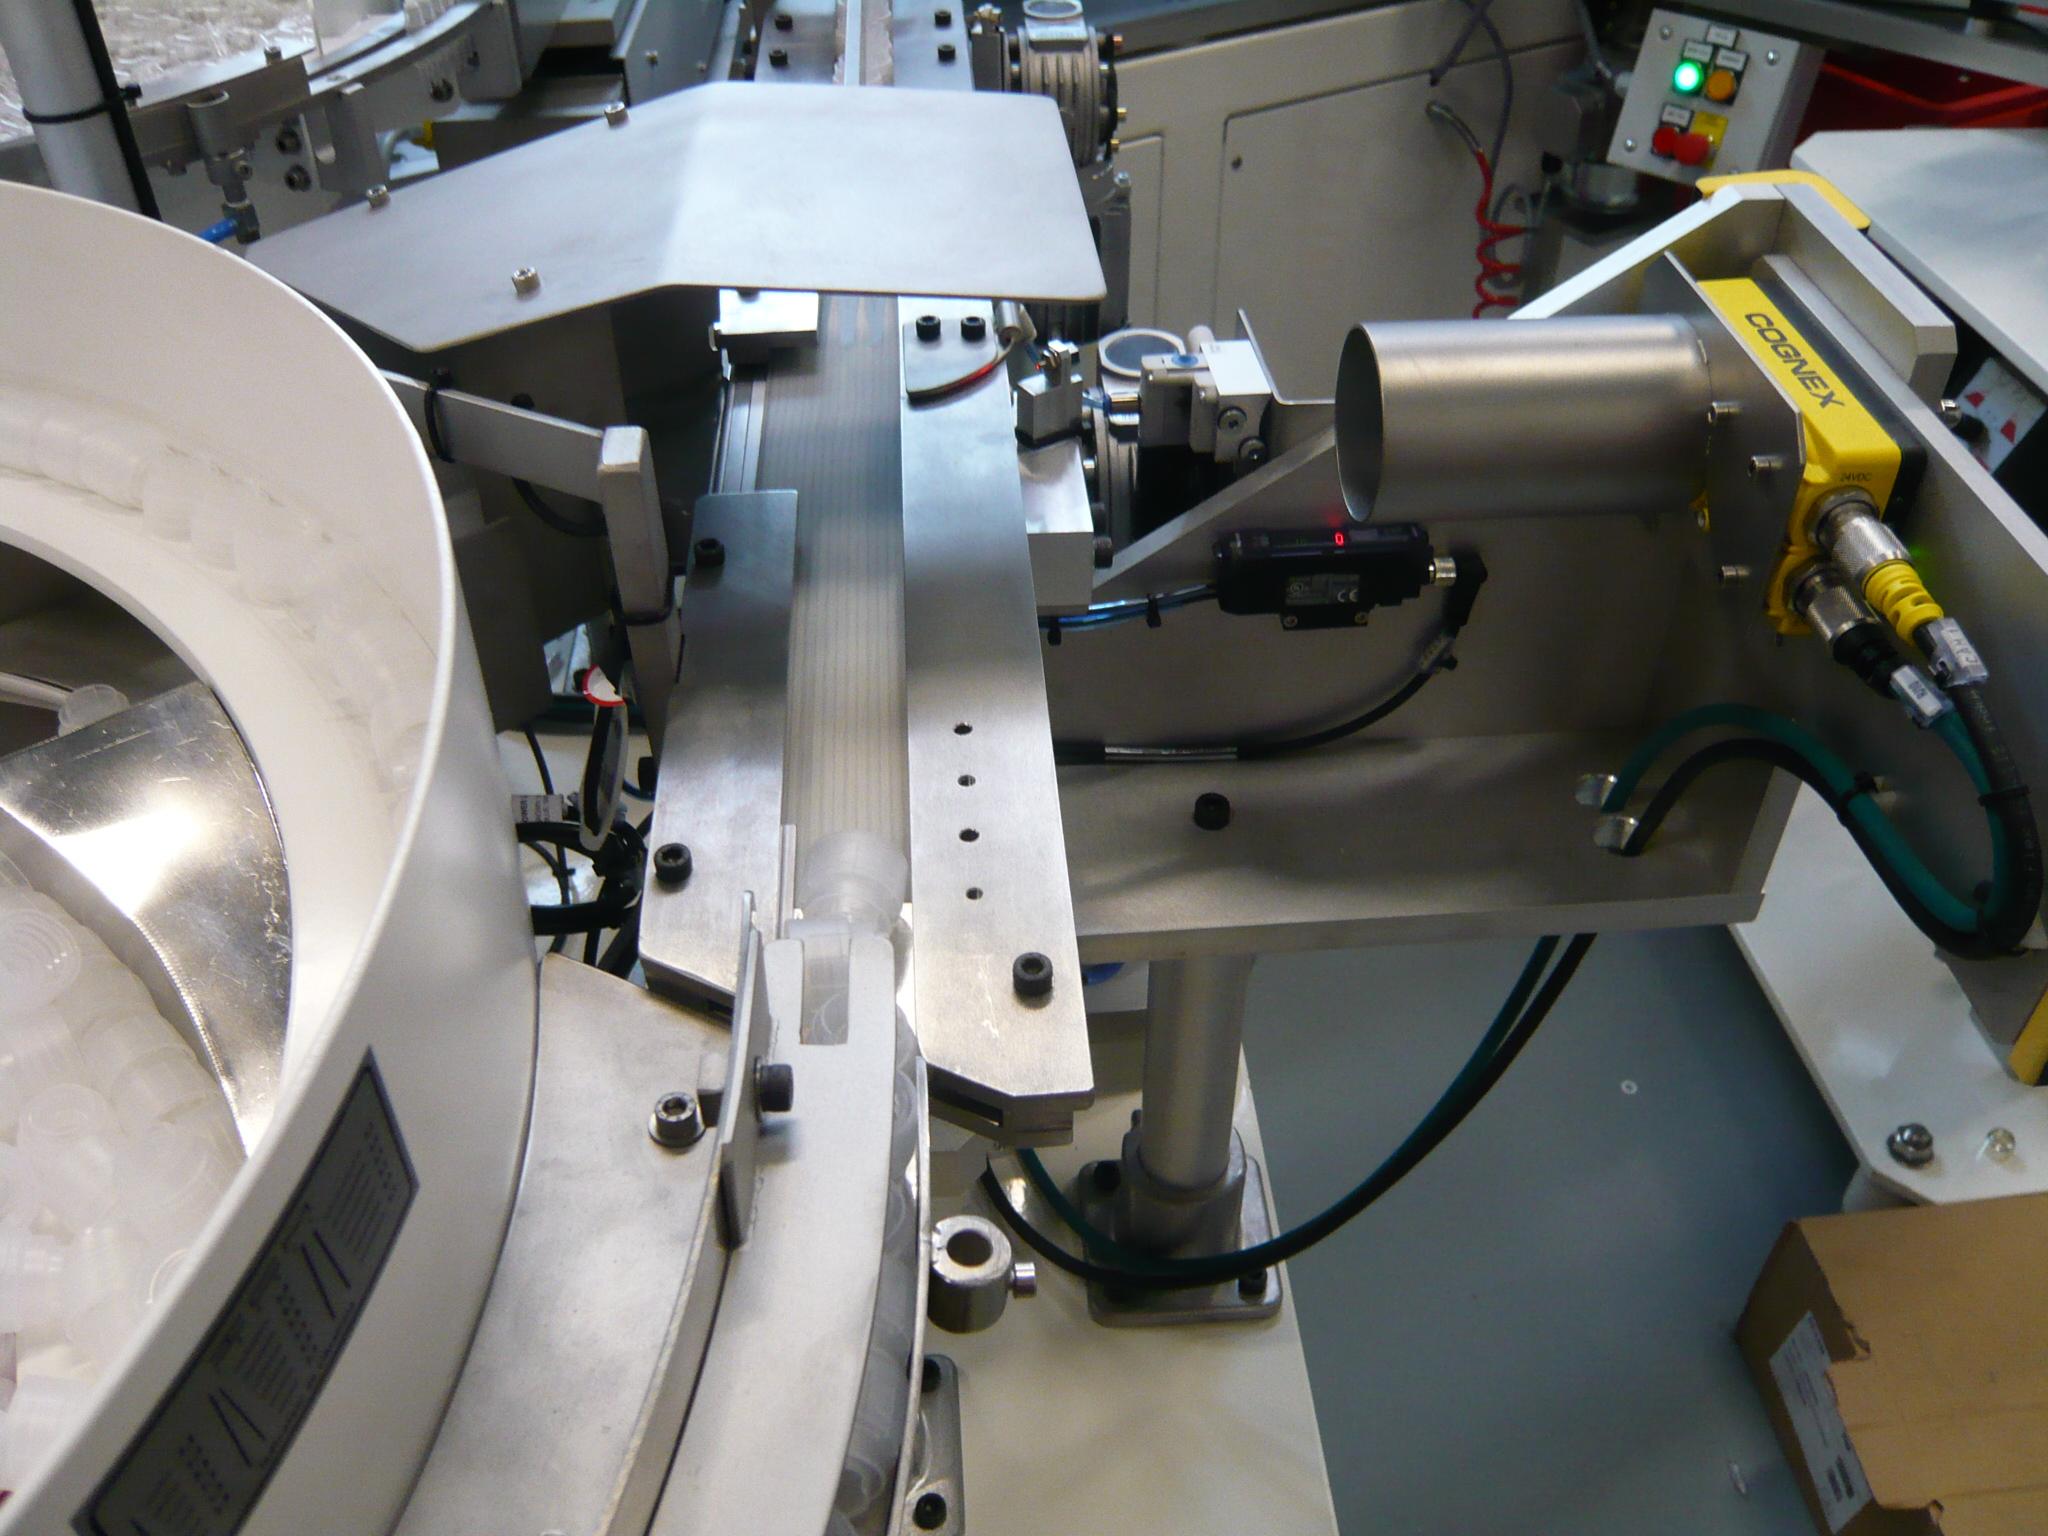 Vision industrielle pour machines d'assemblage et de contrôle